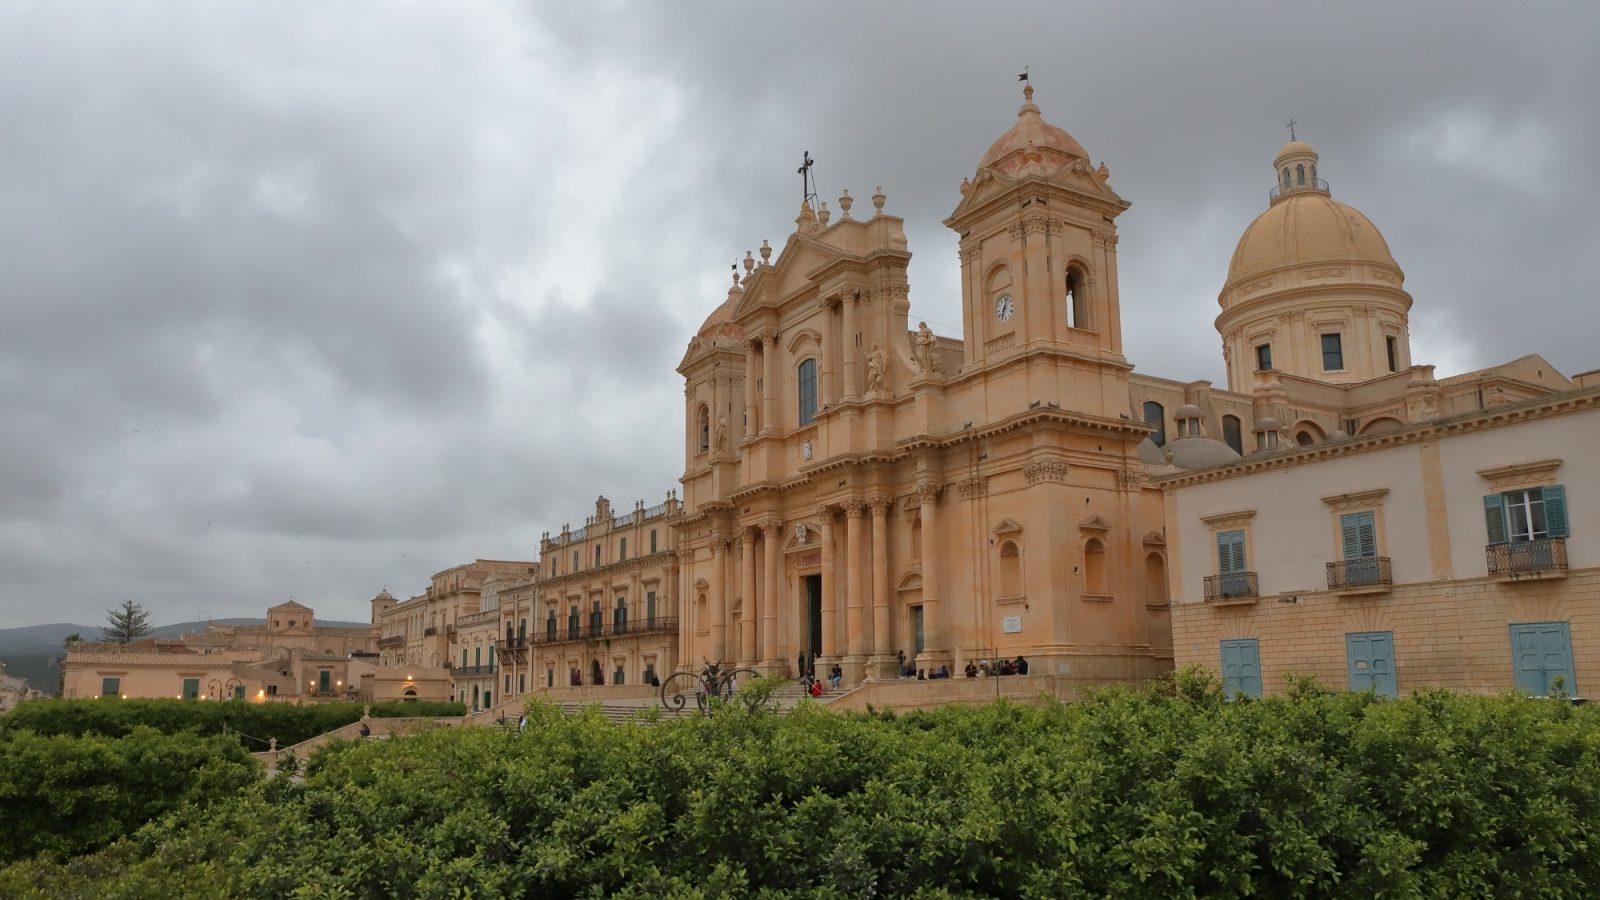 From Naples to Sicily and back through Apulia to the home. Od Neaplja do Sicilije in nazaj skozi Apulijo proti domu.